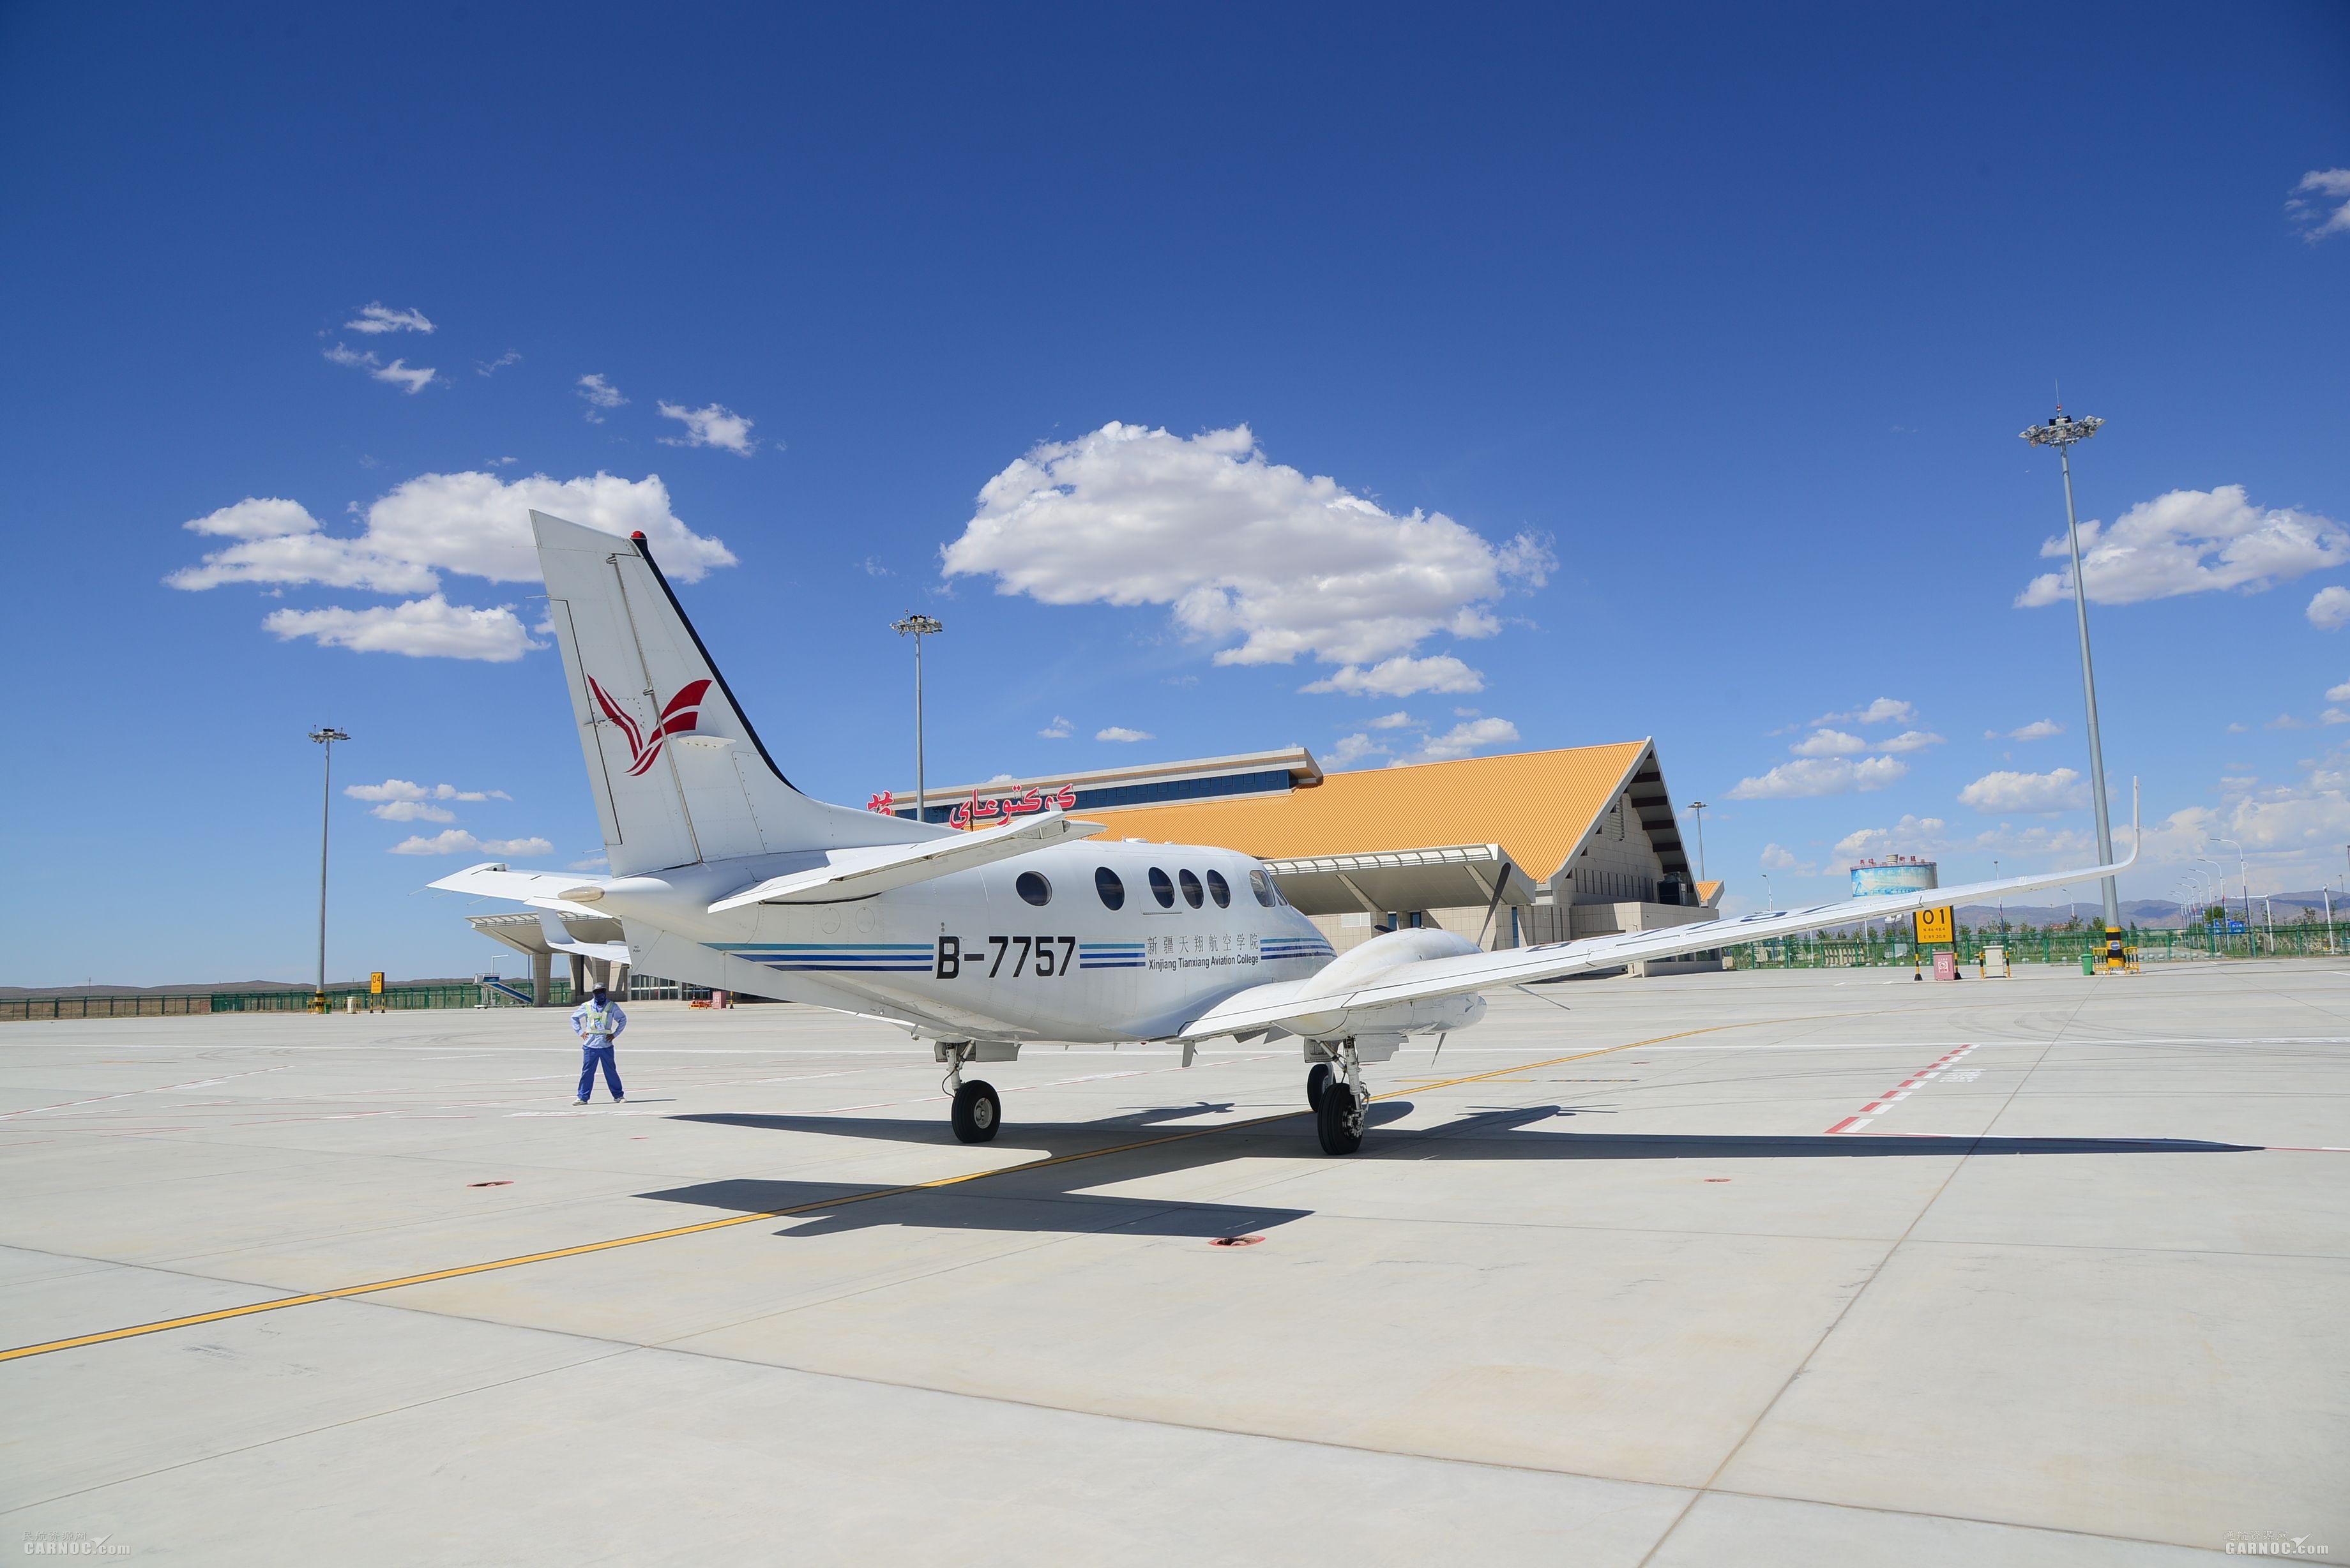 富蕴机场再迎两架训练飞机 驻场机队总数达5架